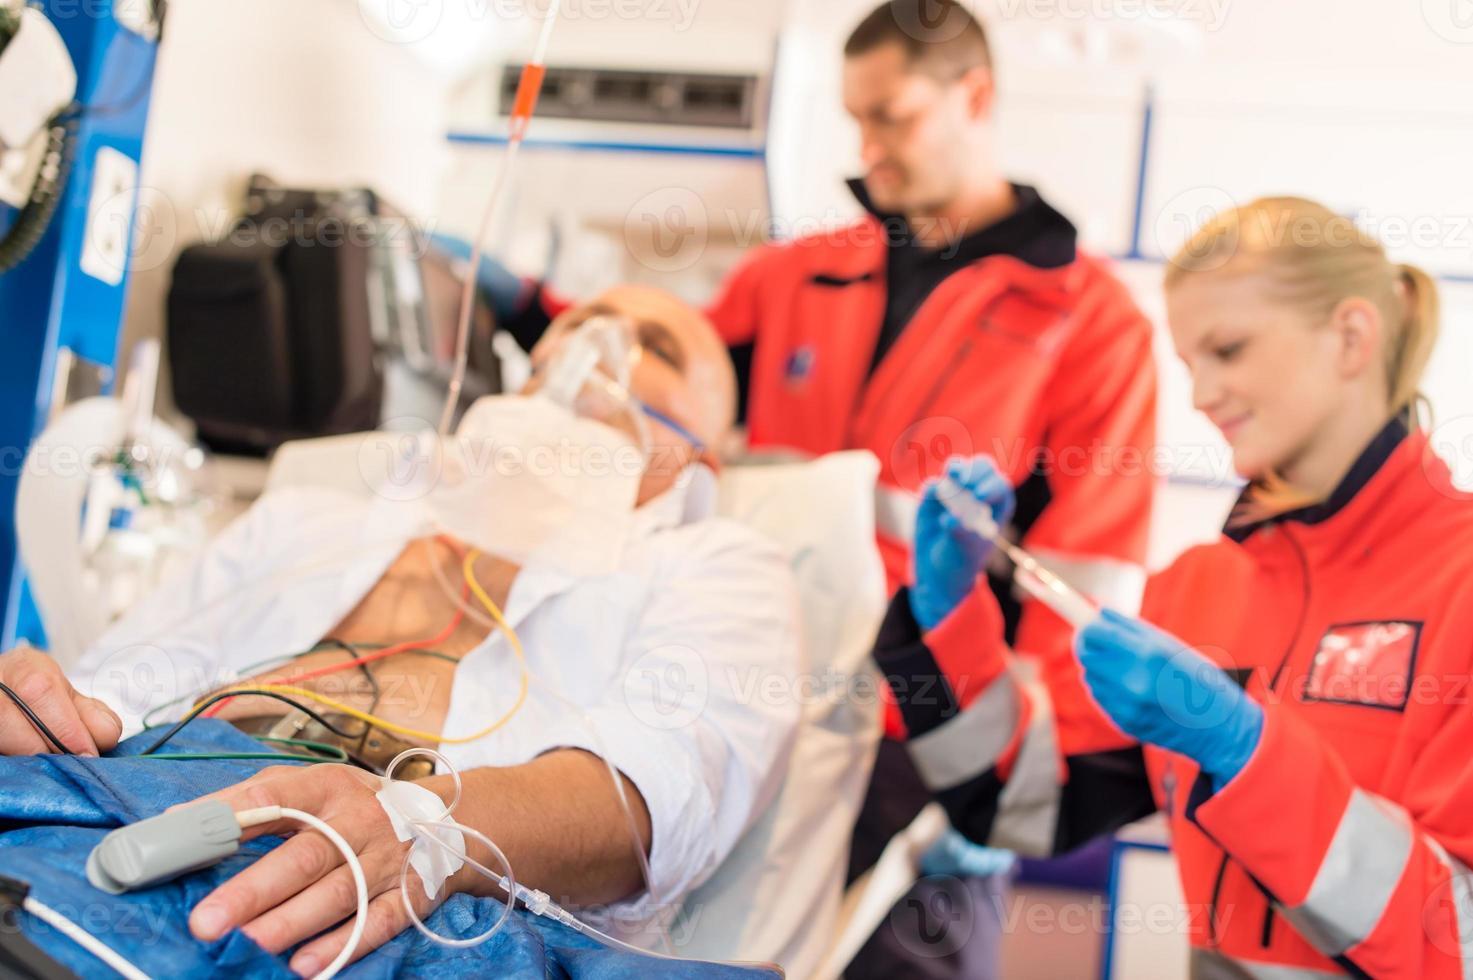 patient malade traité par des ambulanciers paramédicaux dans une ambulance photo